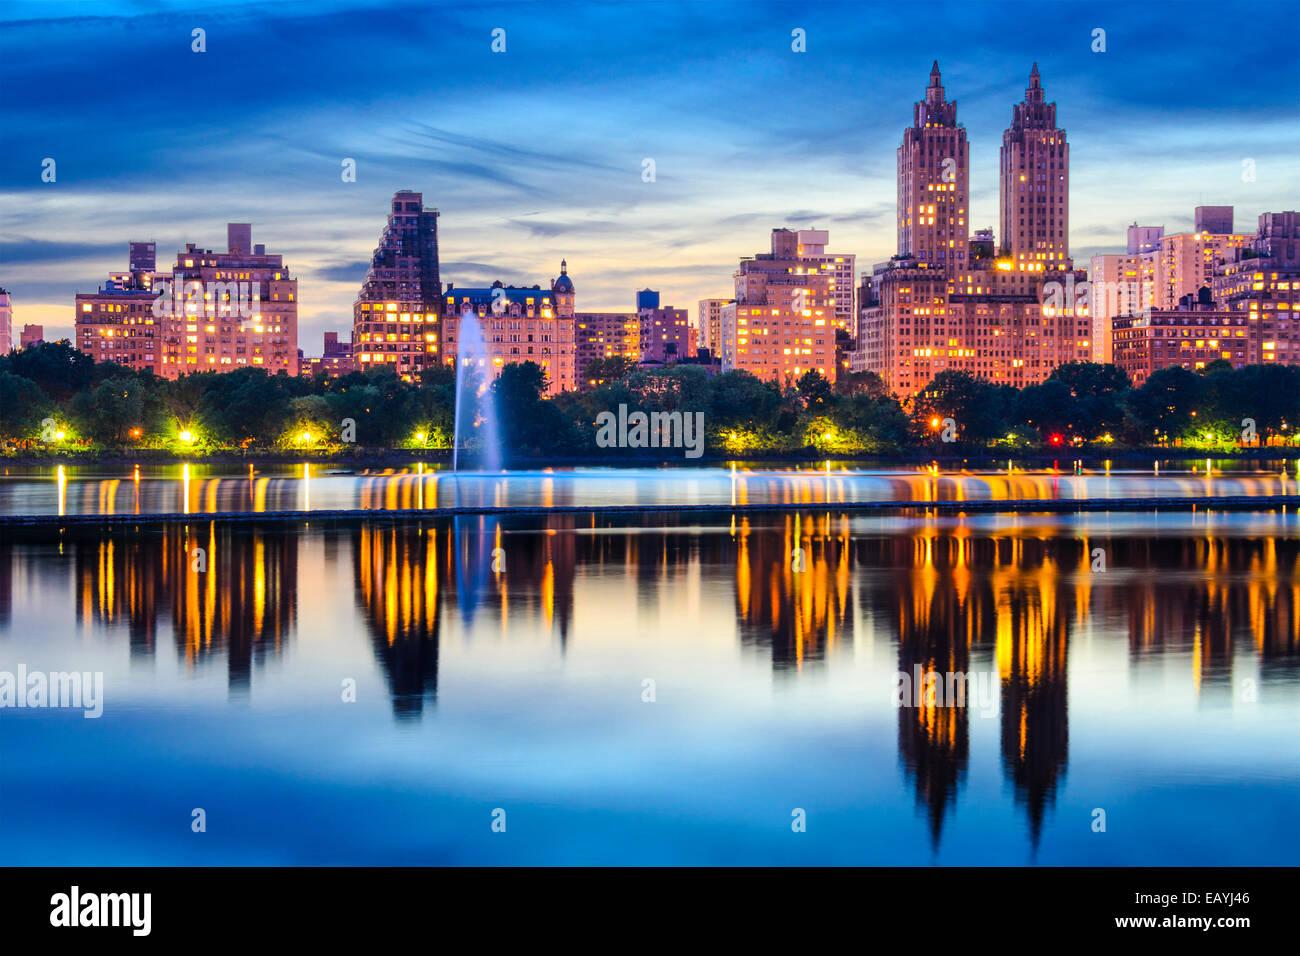 La città di New York, Stati Uniti d'America paesaggio urbano di Central Park Lake. Immagini Stock